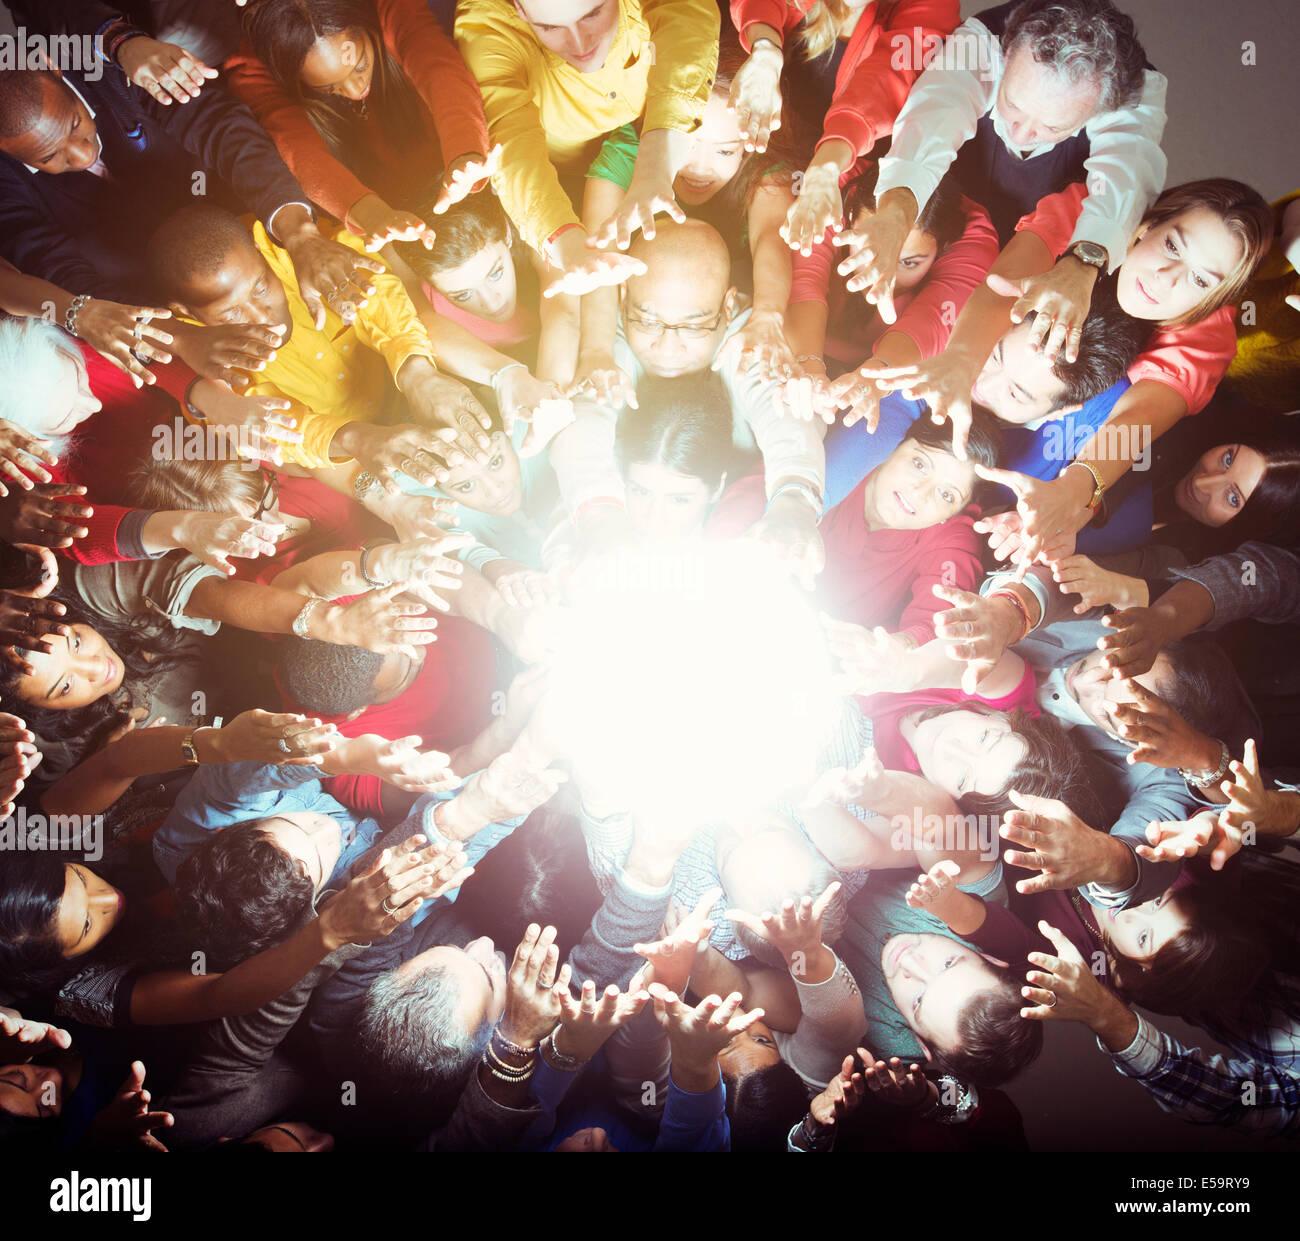 Folla variegata raggiungendo per la brillante luce Immagini Stock